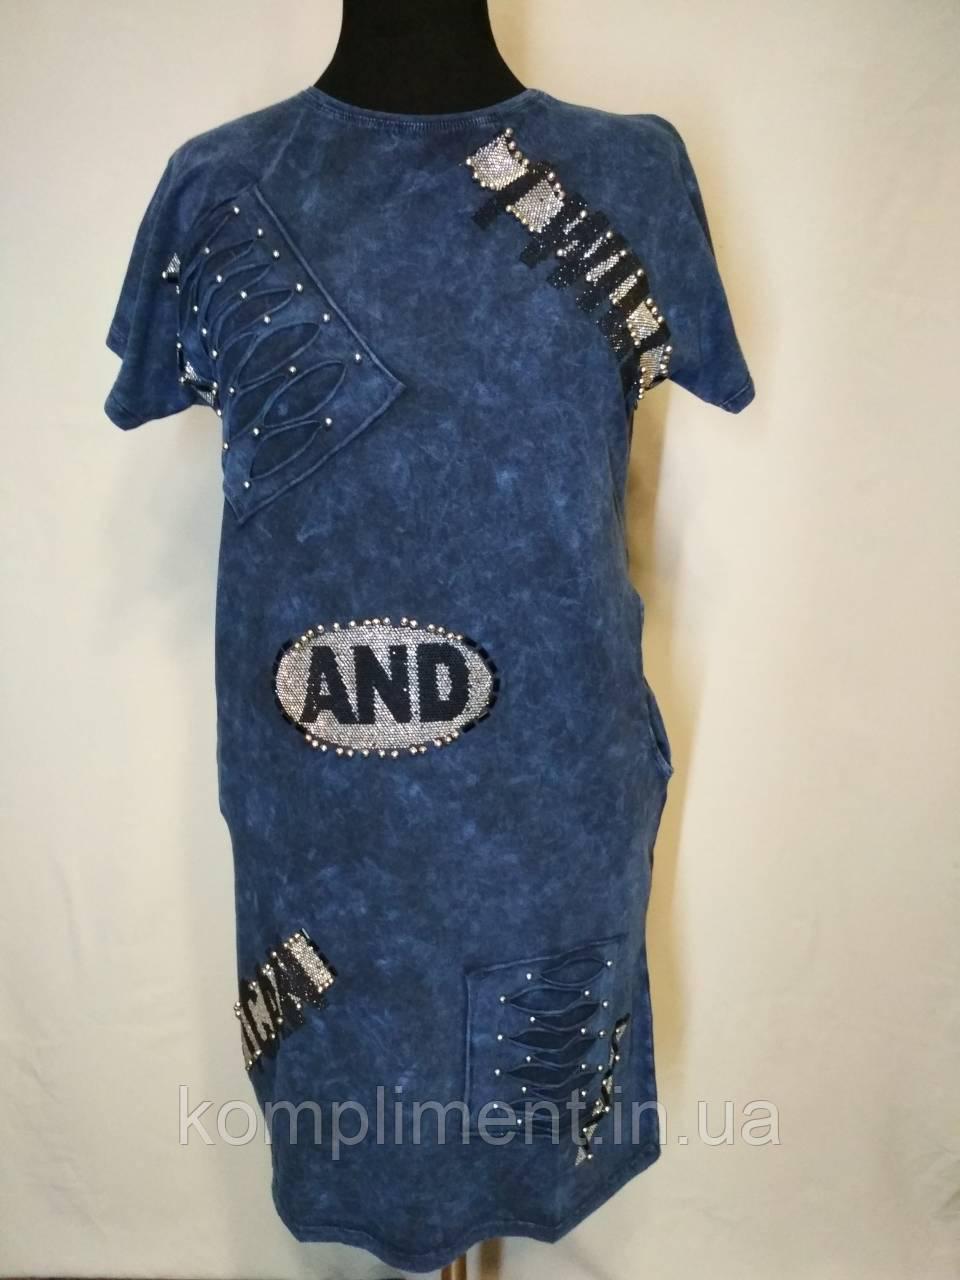 Трикотажное турецкое платье  под джинс синее